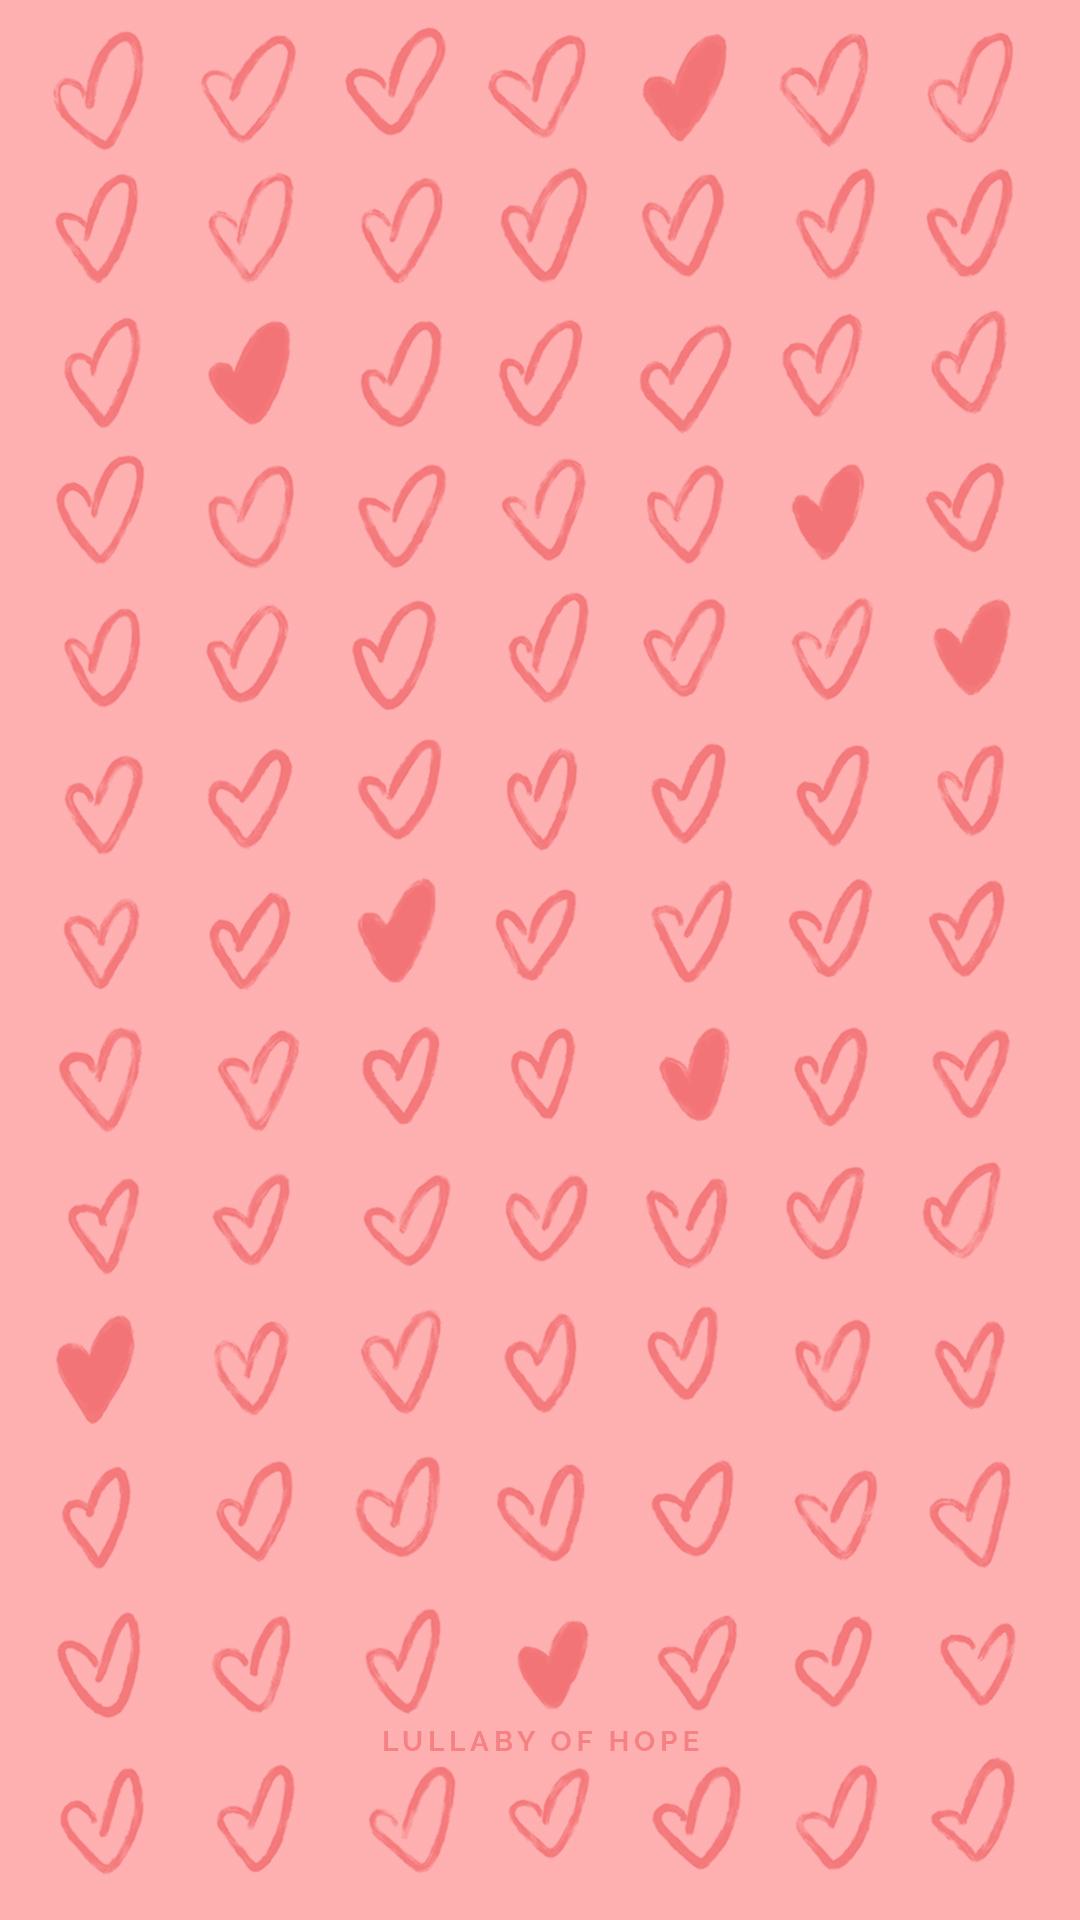 February_Wallpaper.jpg